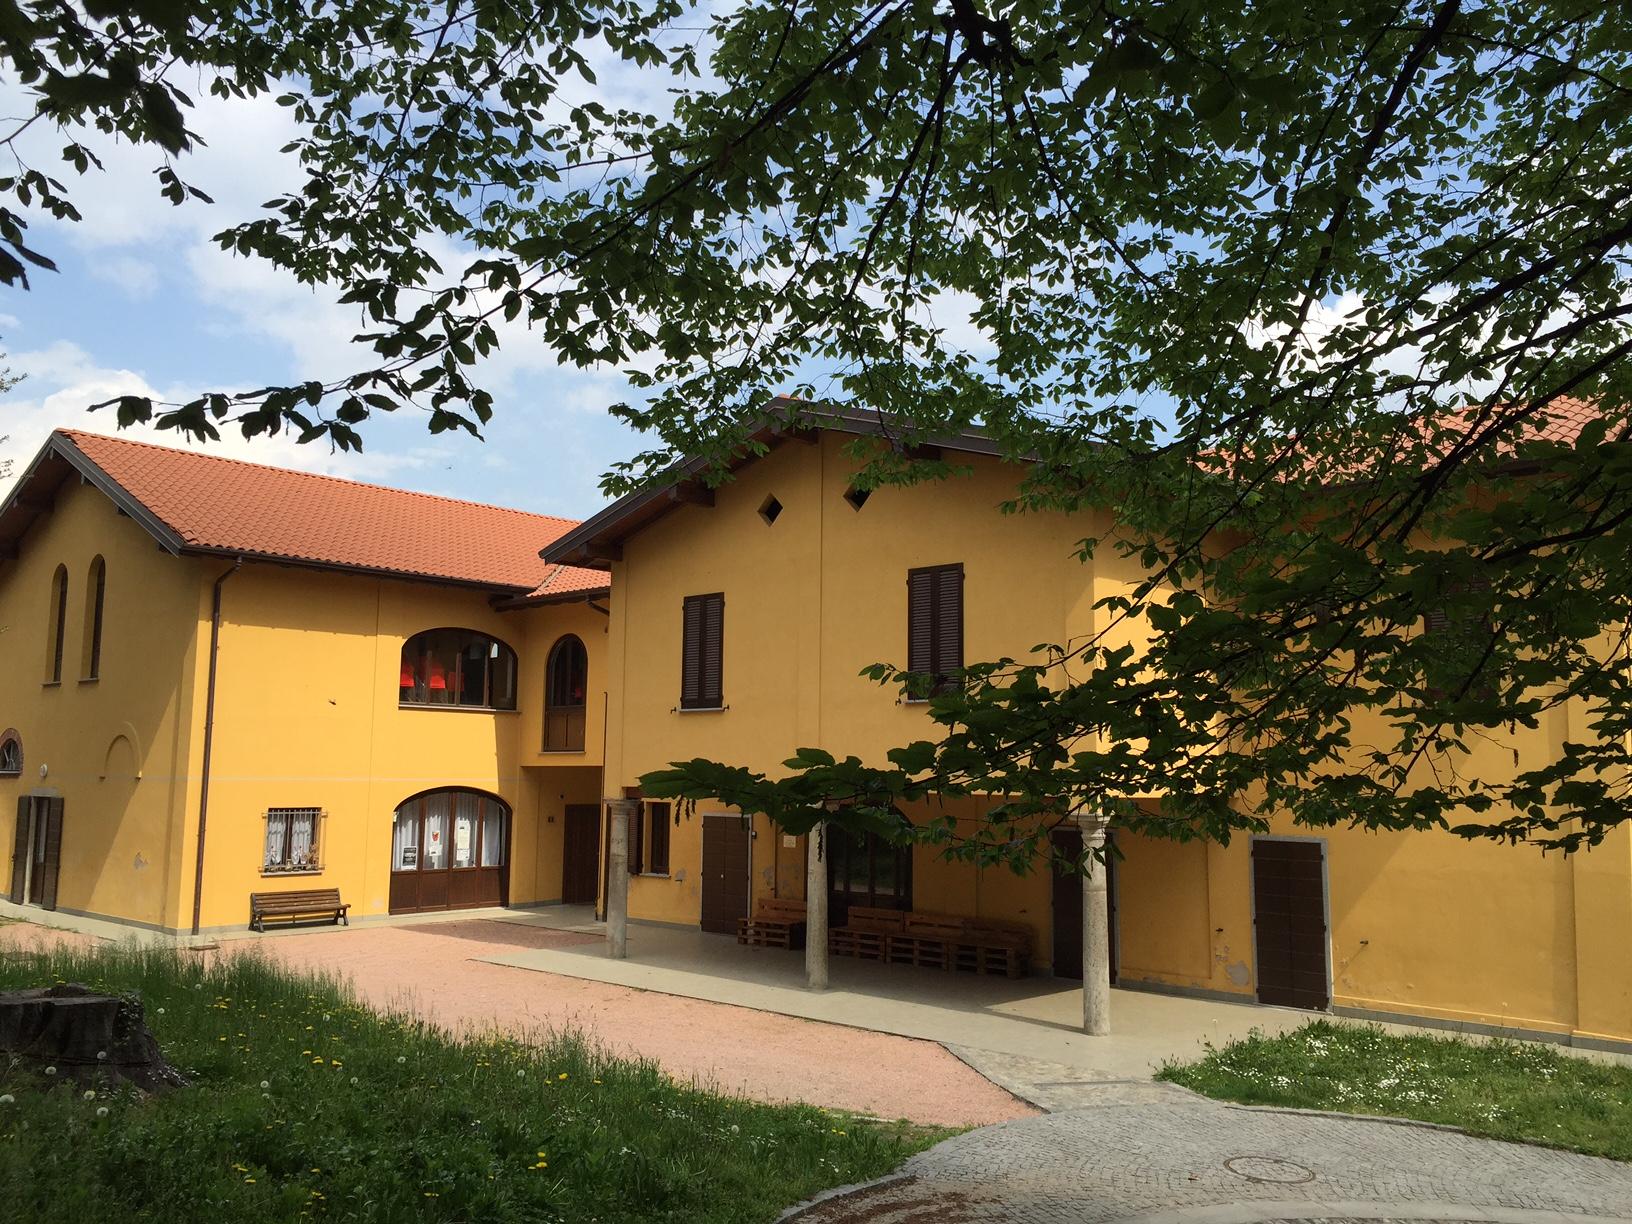 Cascine villa Colombo Oggiona con Santo Stefano